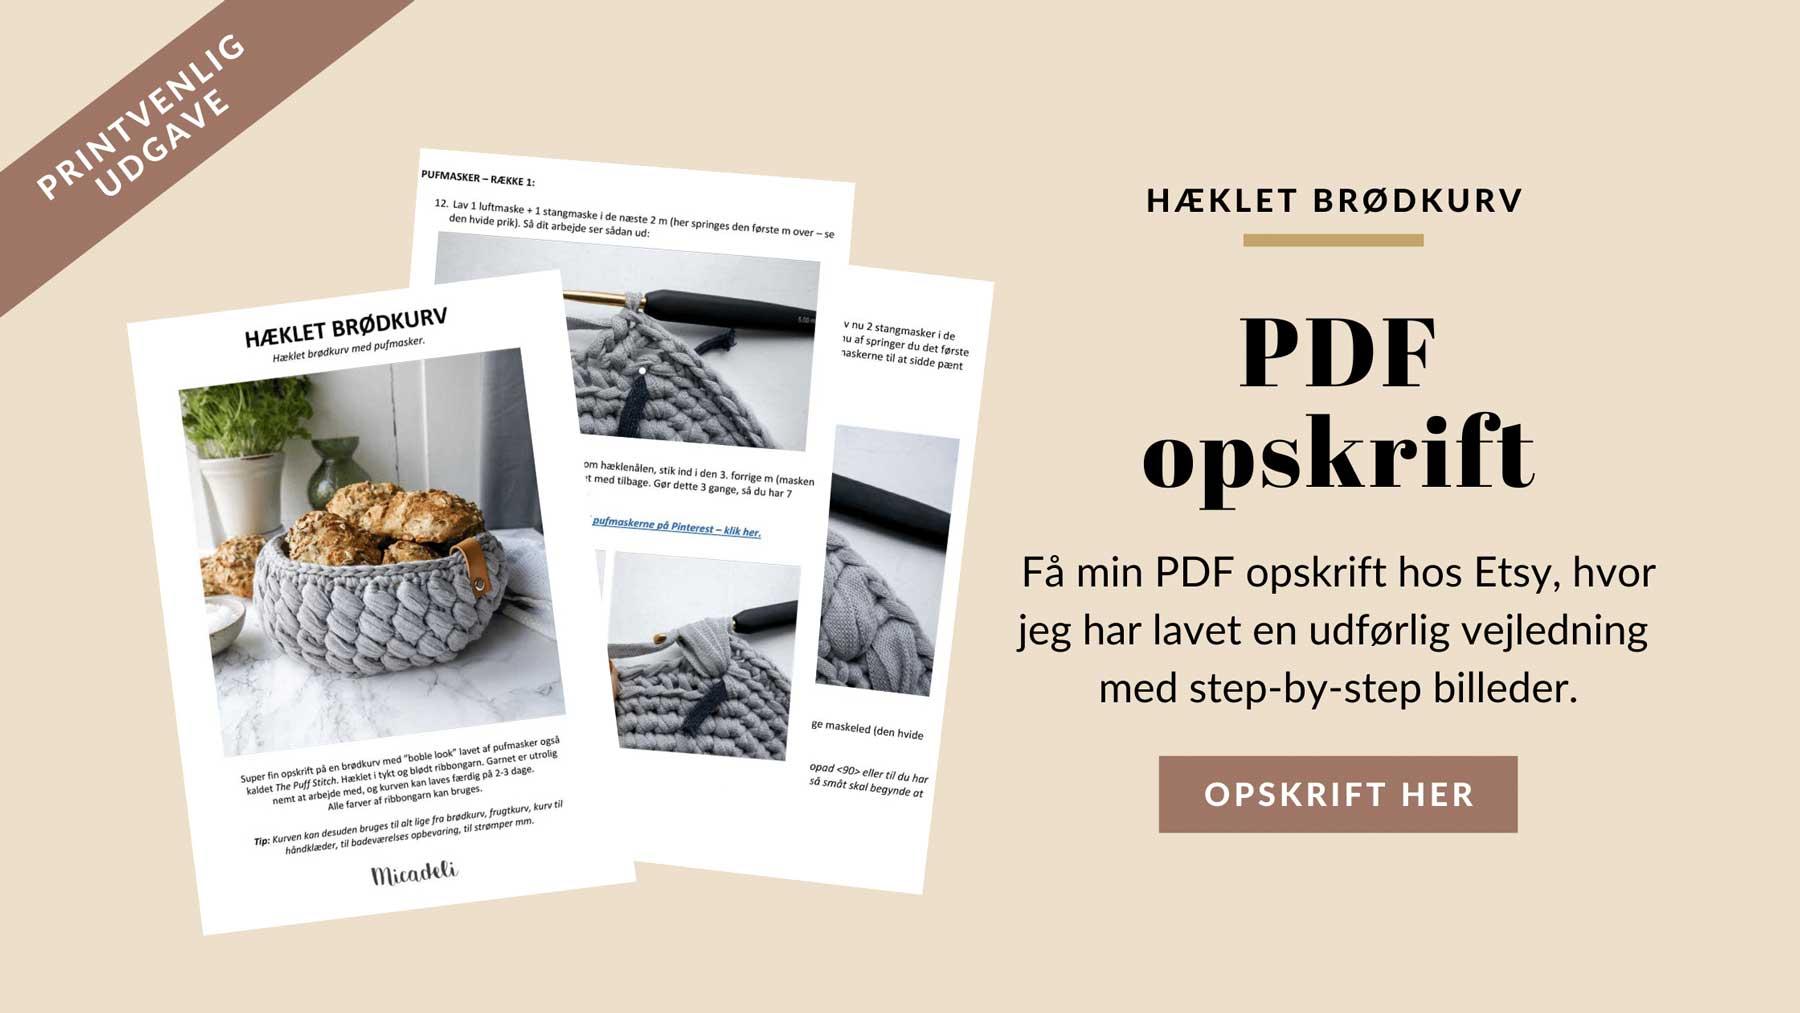 pdf opskrift på brødkurv nem hækleopskrift på etsy